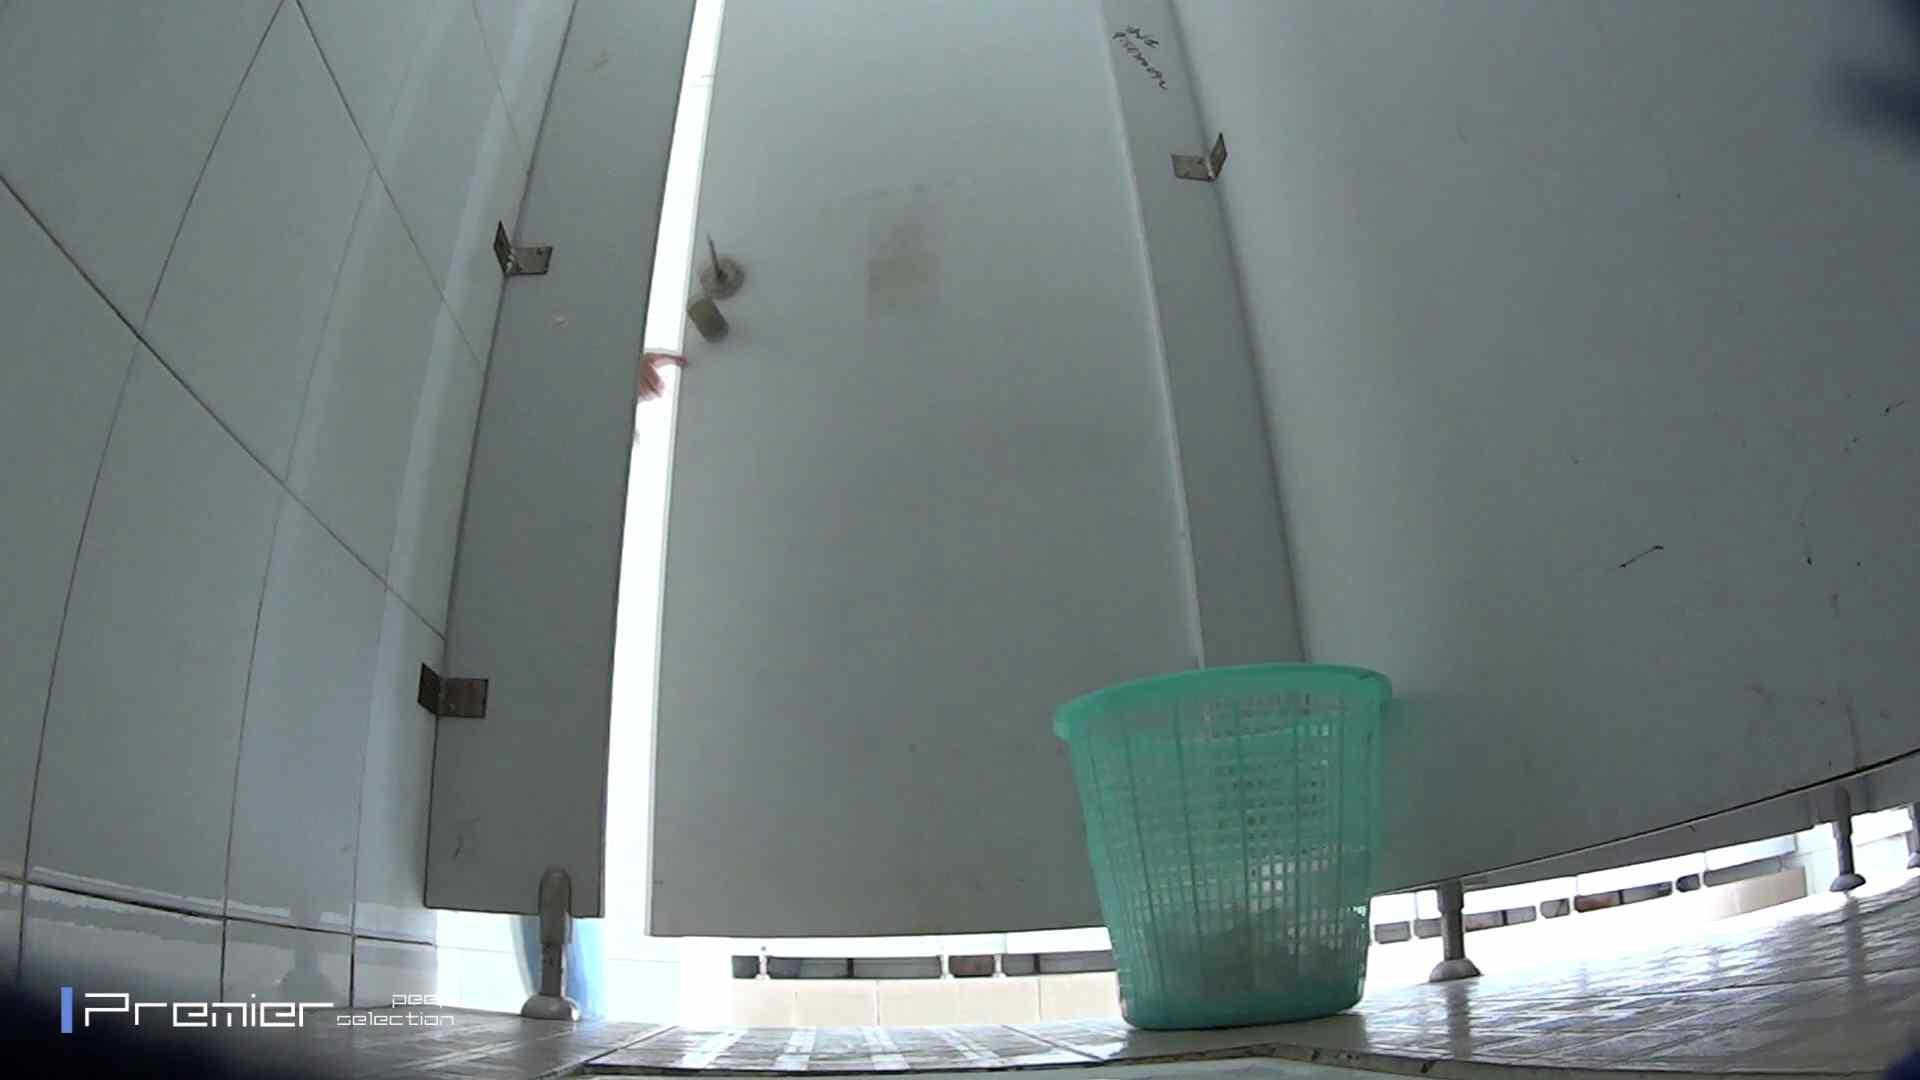 美しい女良たちのトイレ事情 有名大学休憩時間の洗面所事情06 エッチすぎる美女 AV無料動画キャプチャ 80連発 23